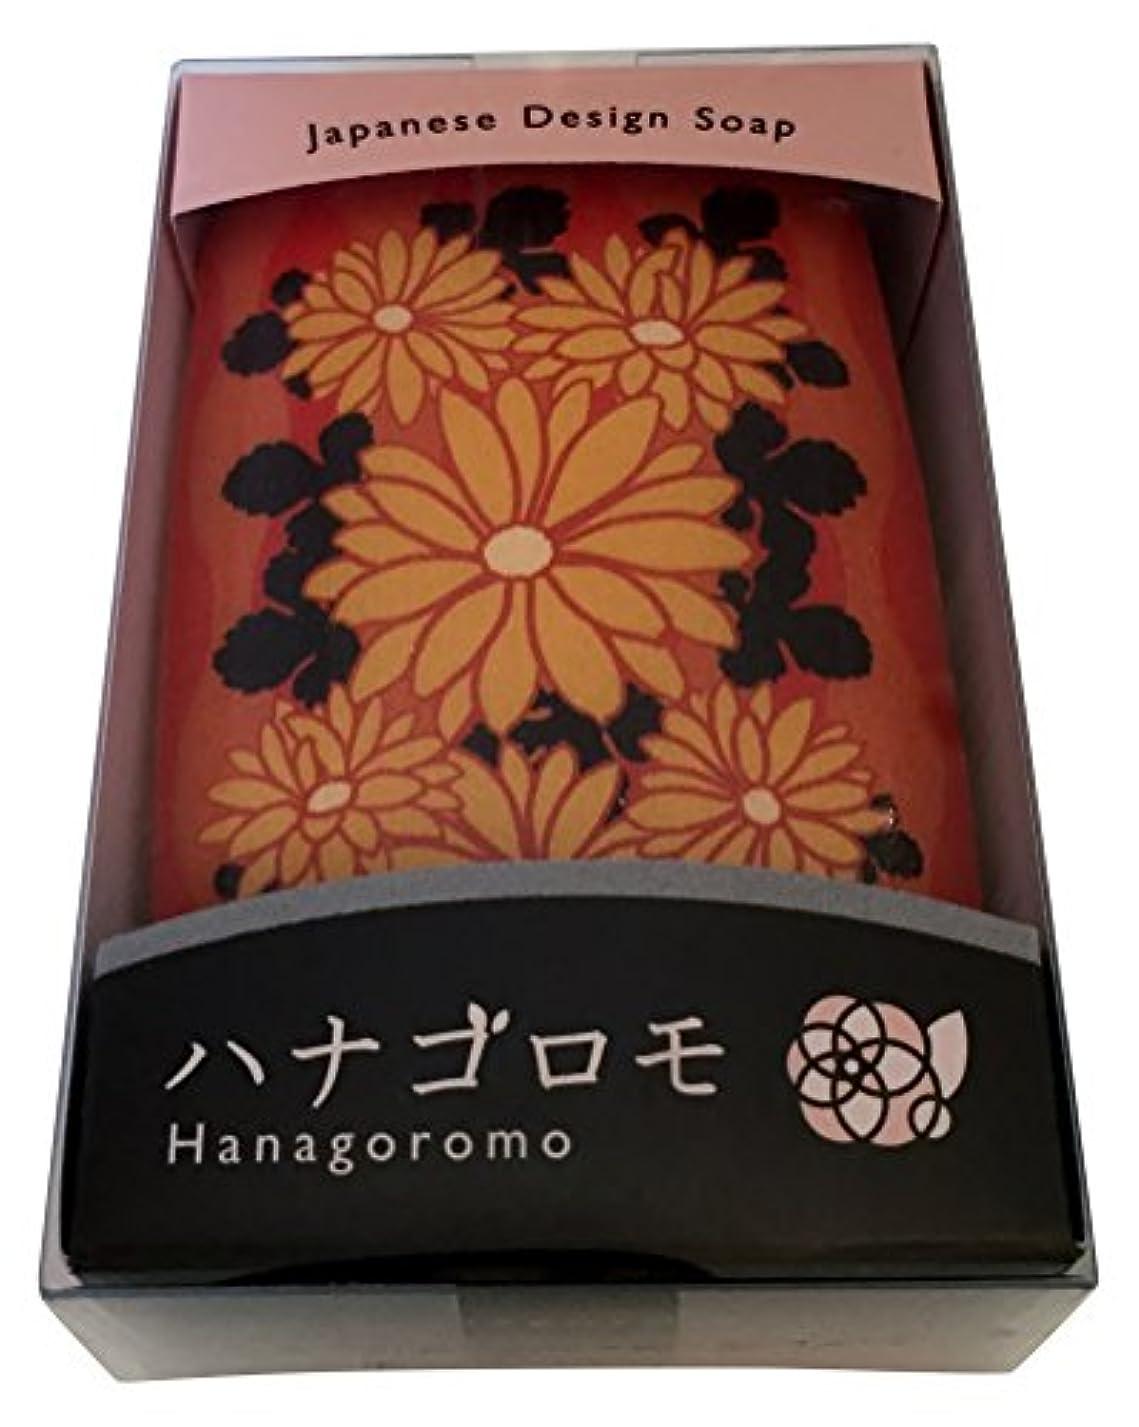 マーティフィールディング最大の罰アートソープ ハナゴロモ菊